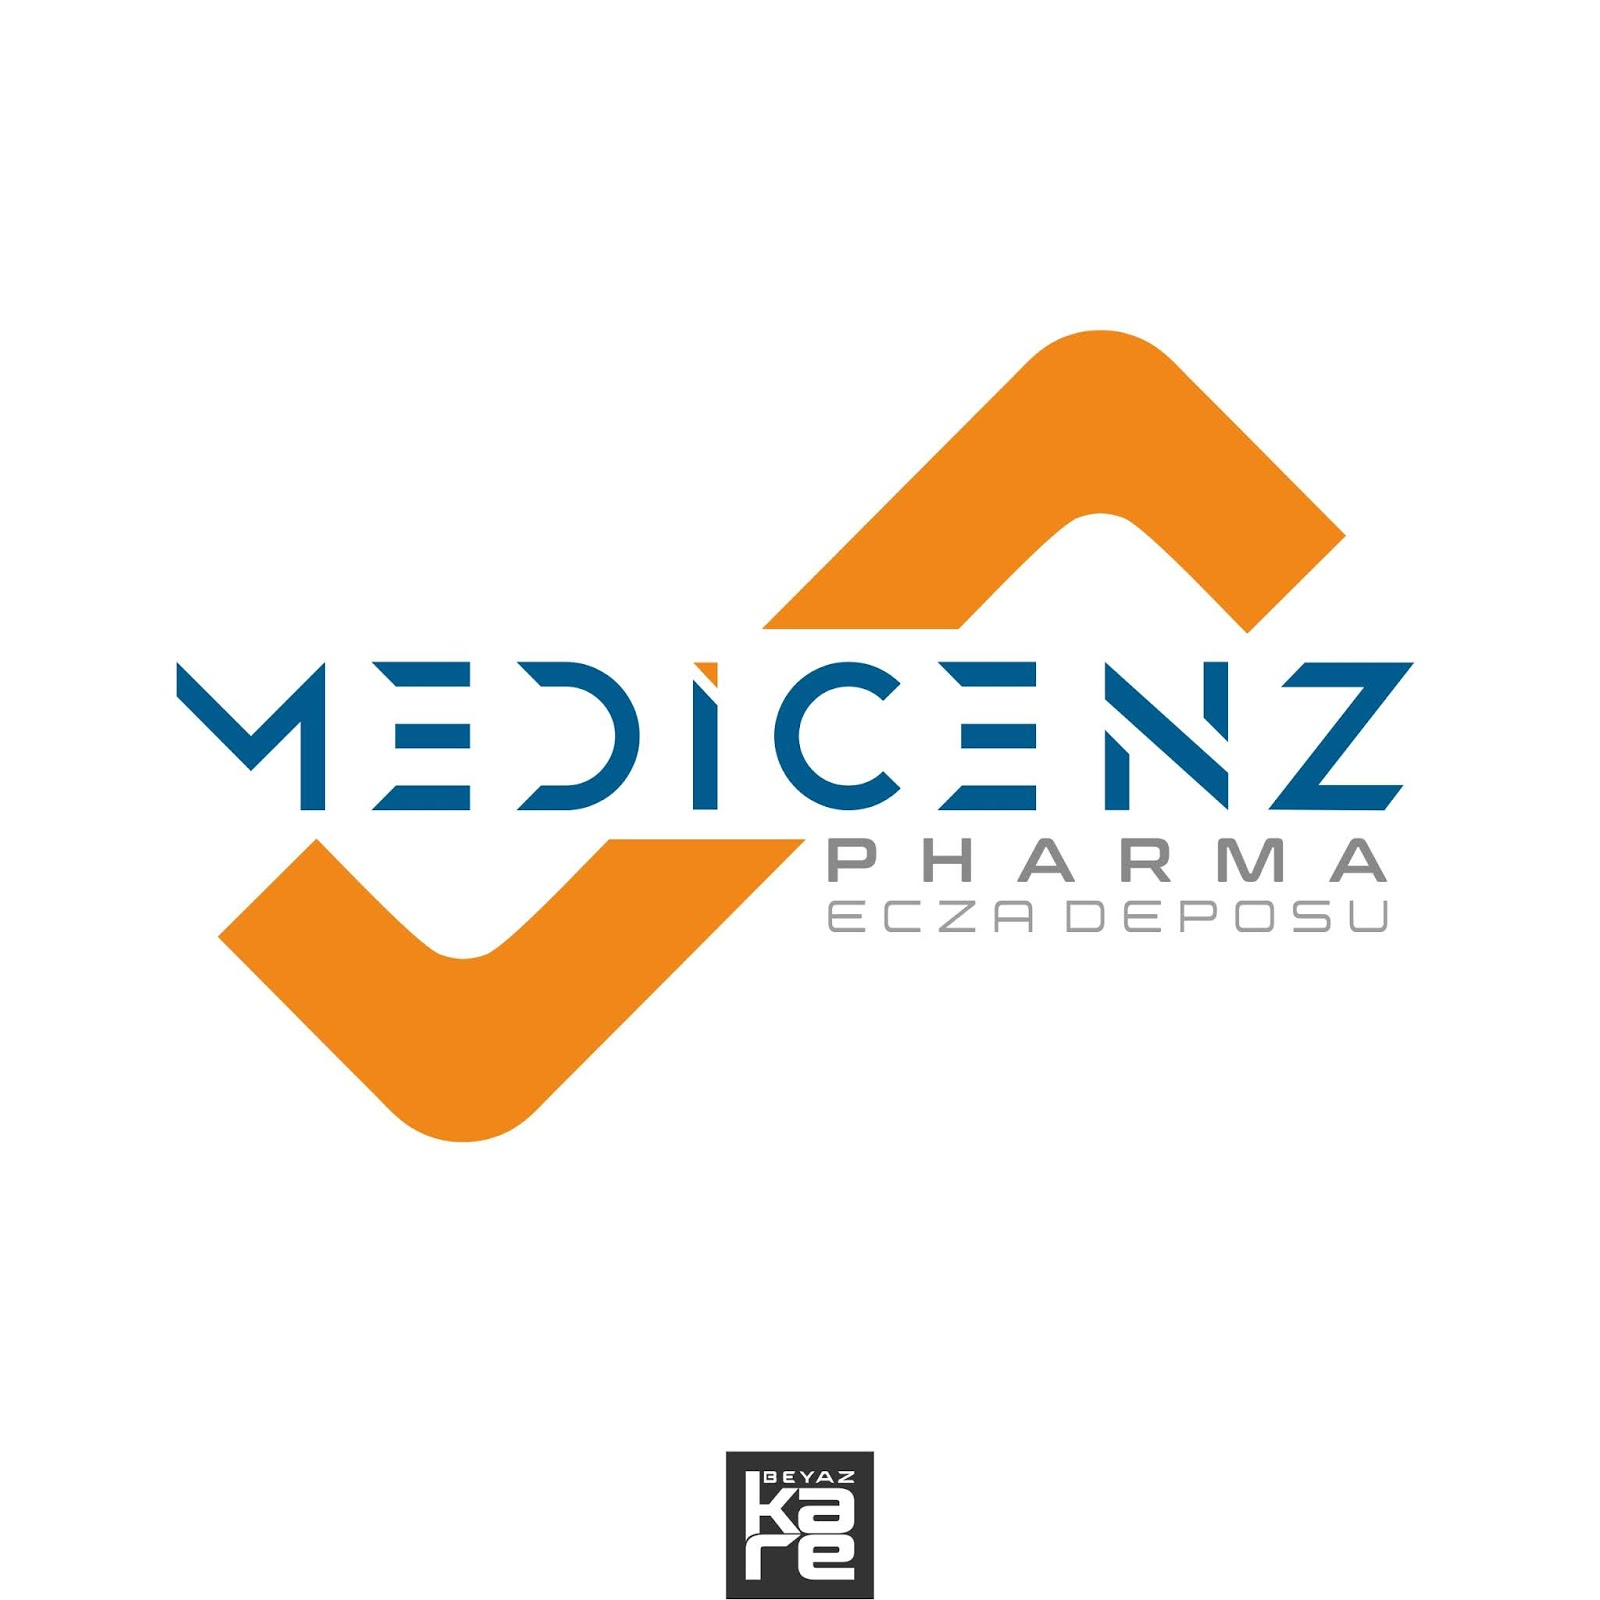 Ecza Deposu Logo Tasarım